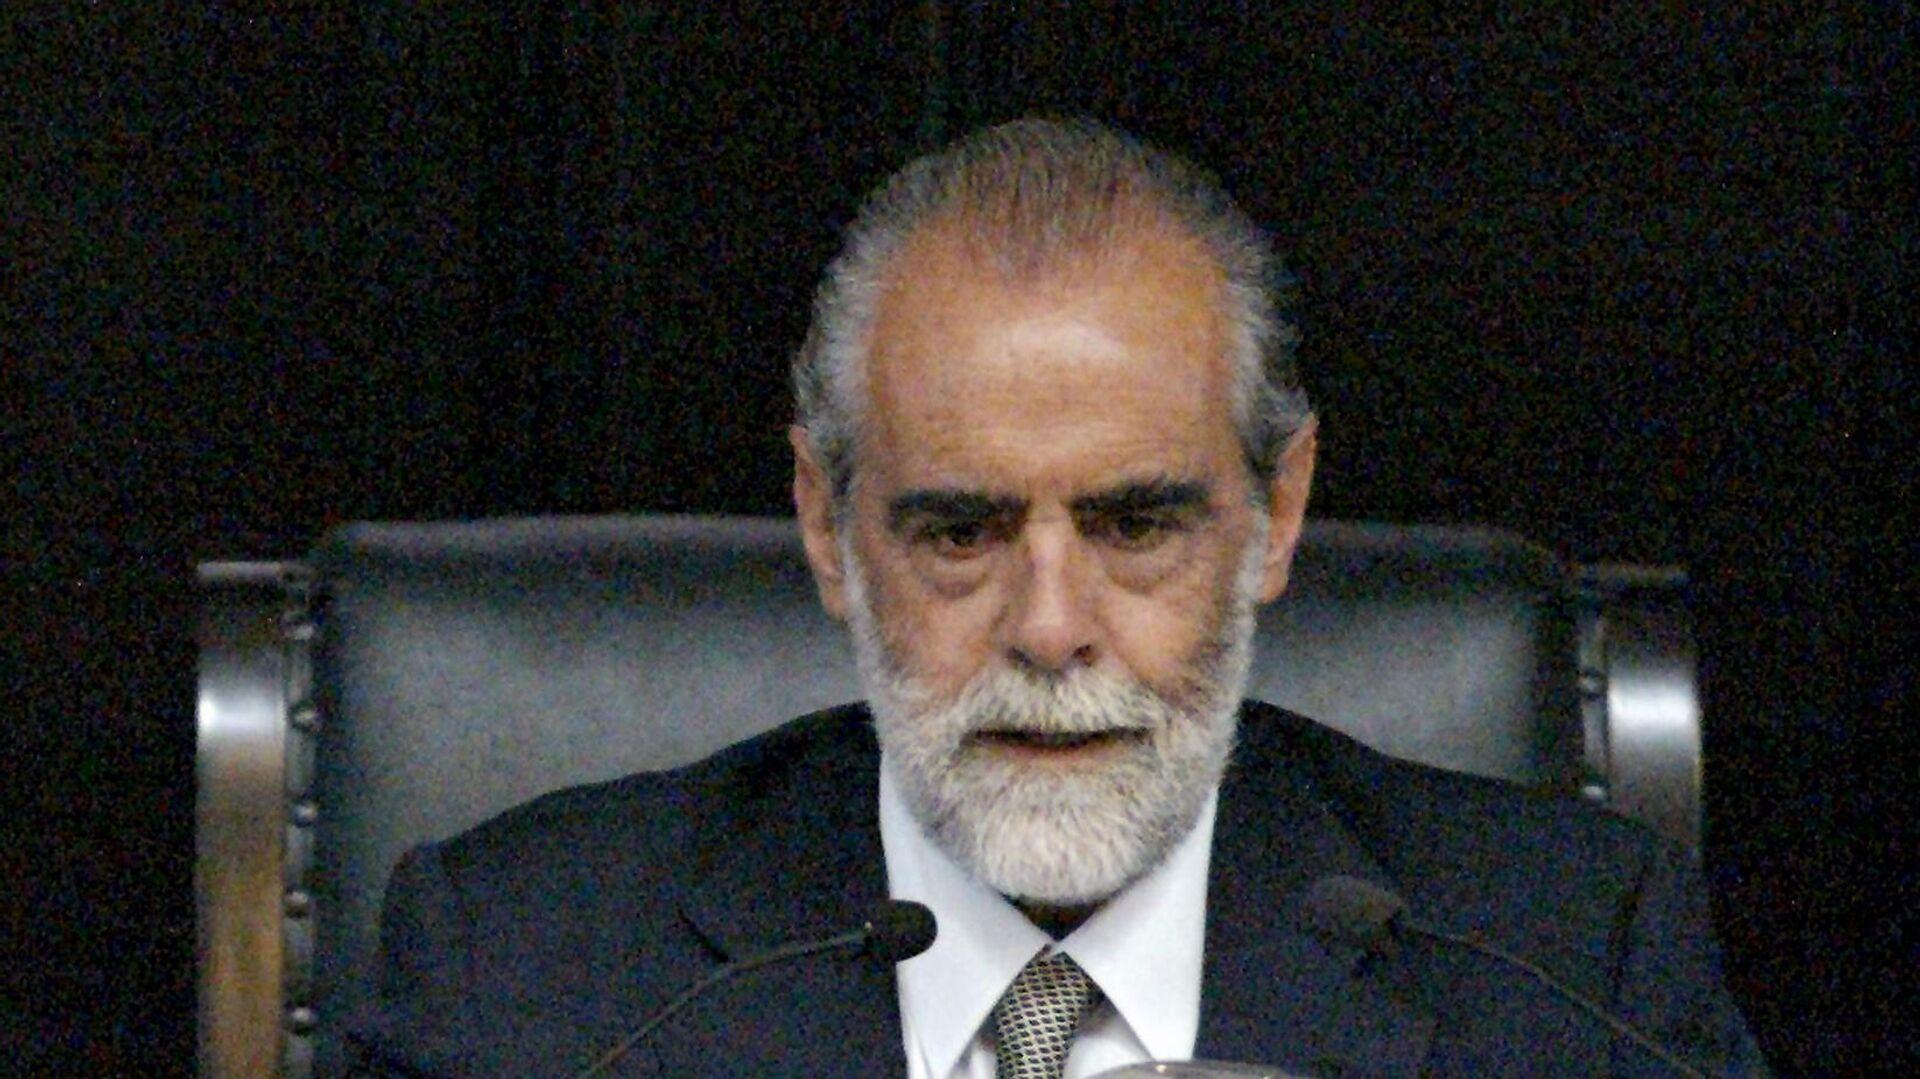 Diego Fernandez de Cevallos, político mexicano, excandidato a la Presidencia del país - Sputnik Mundo, 1920, 16.08.2021